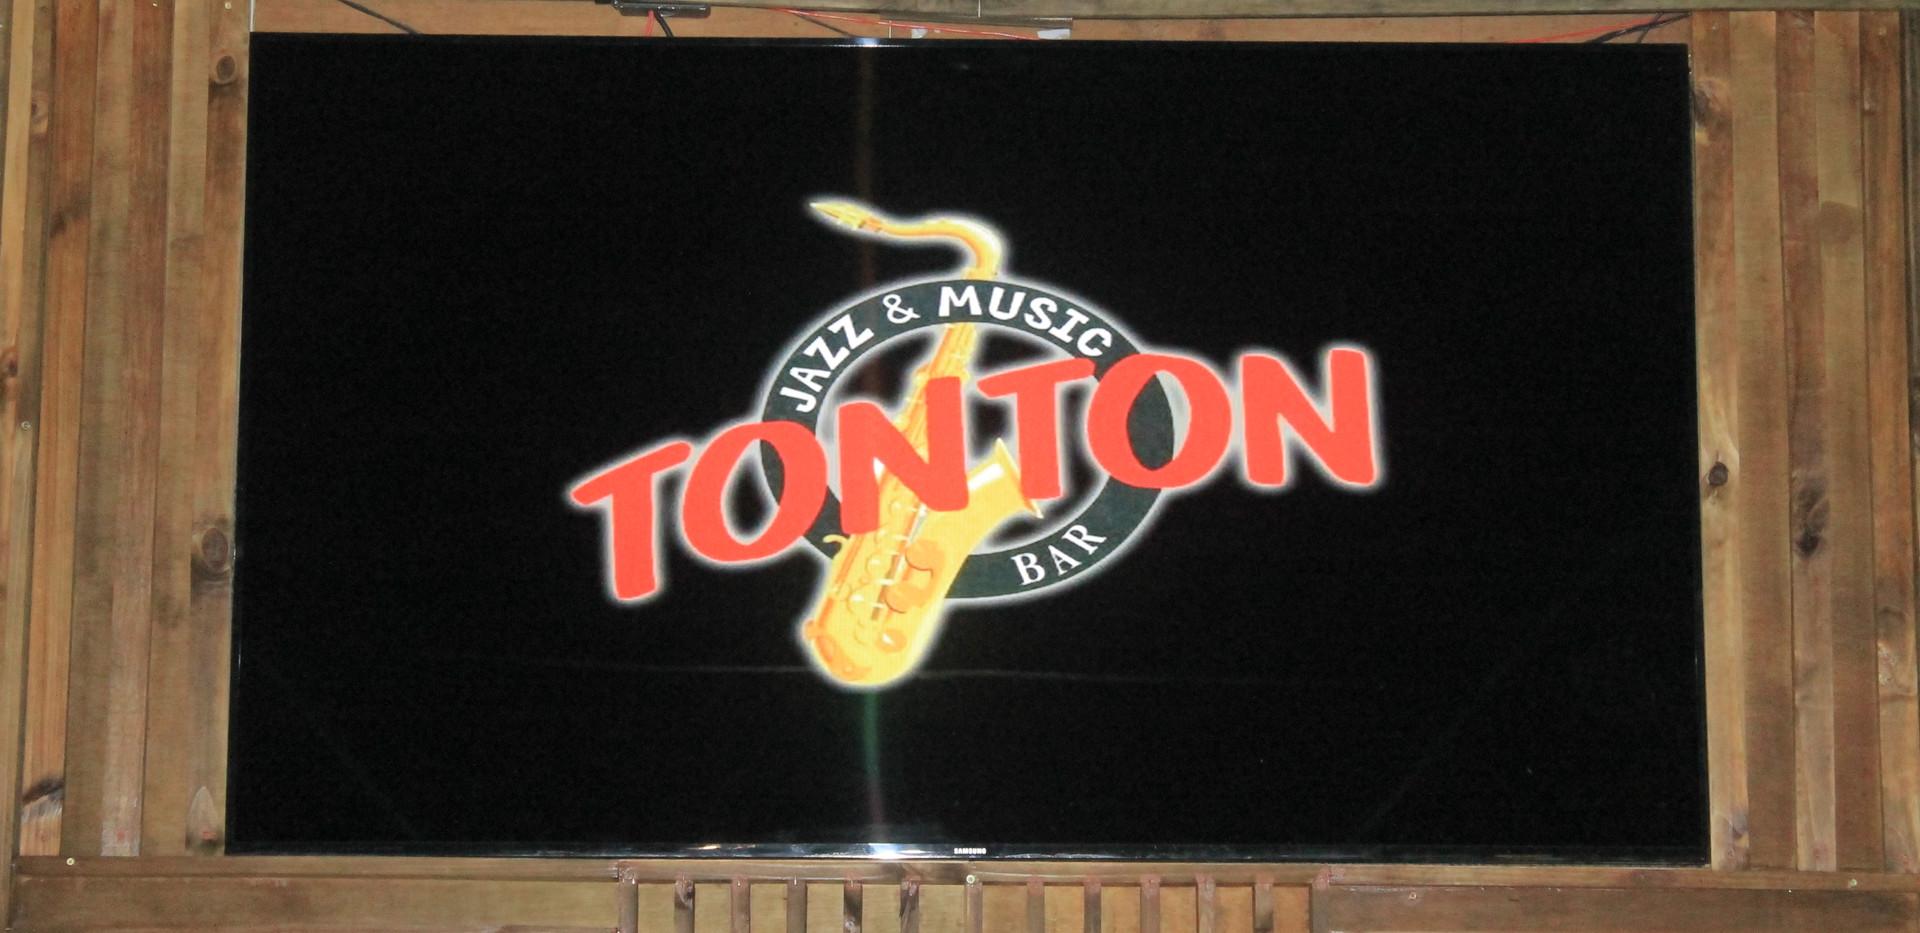 TonTon-logotipo.JPG